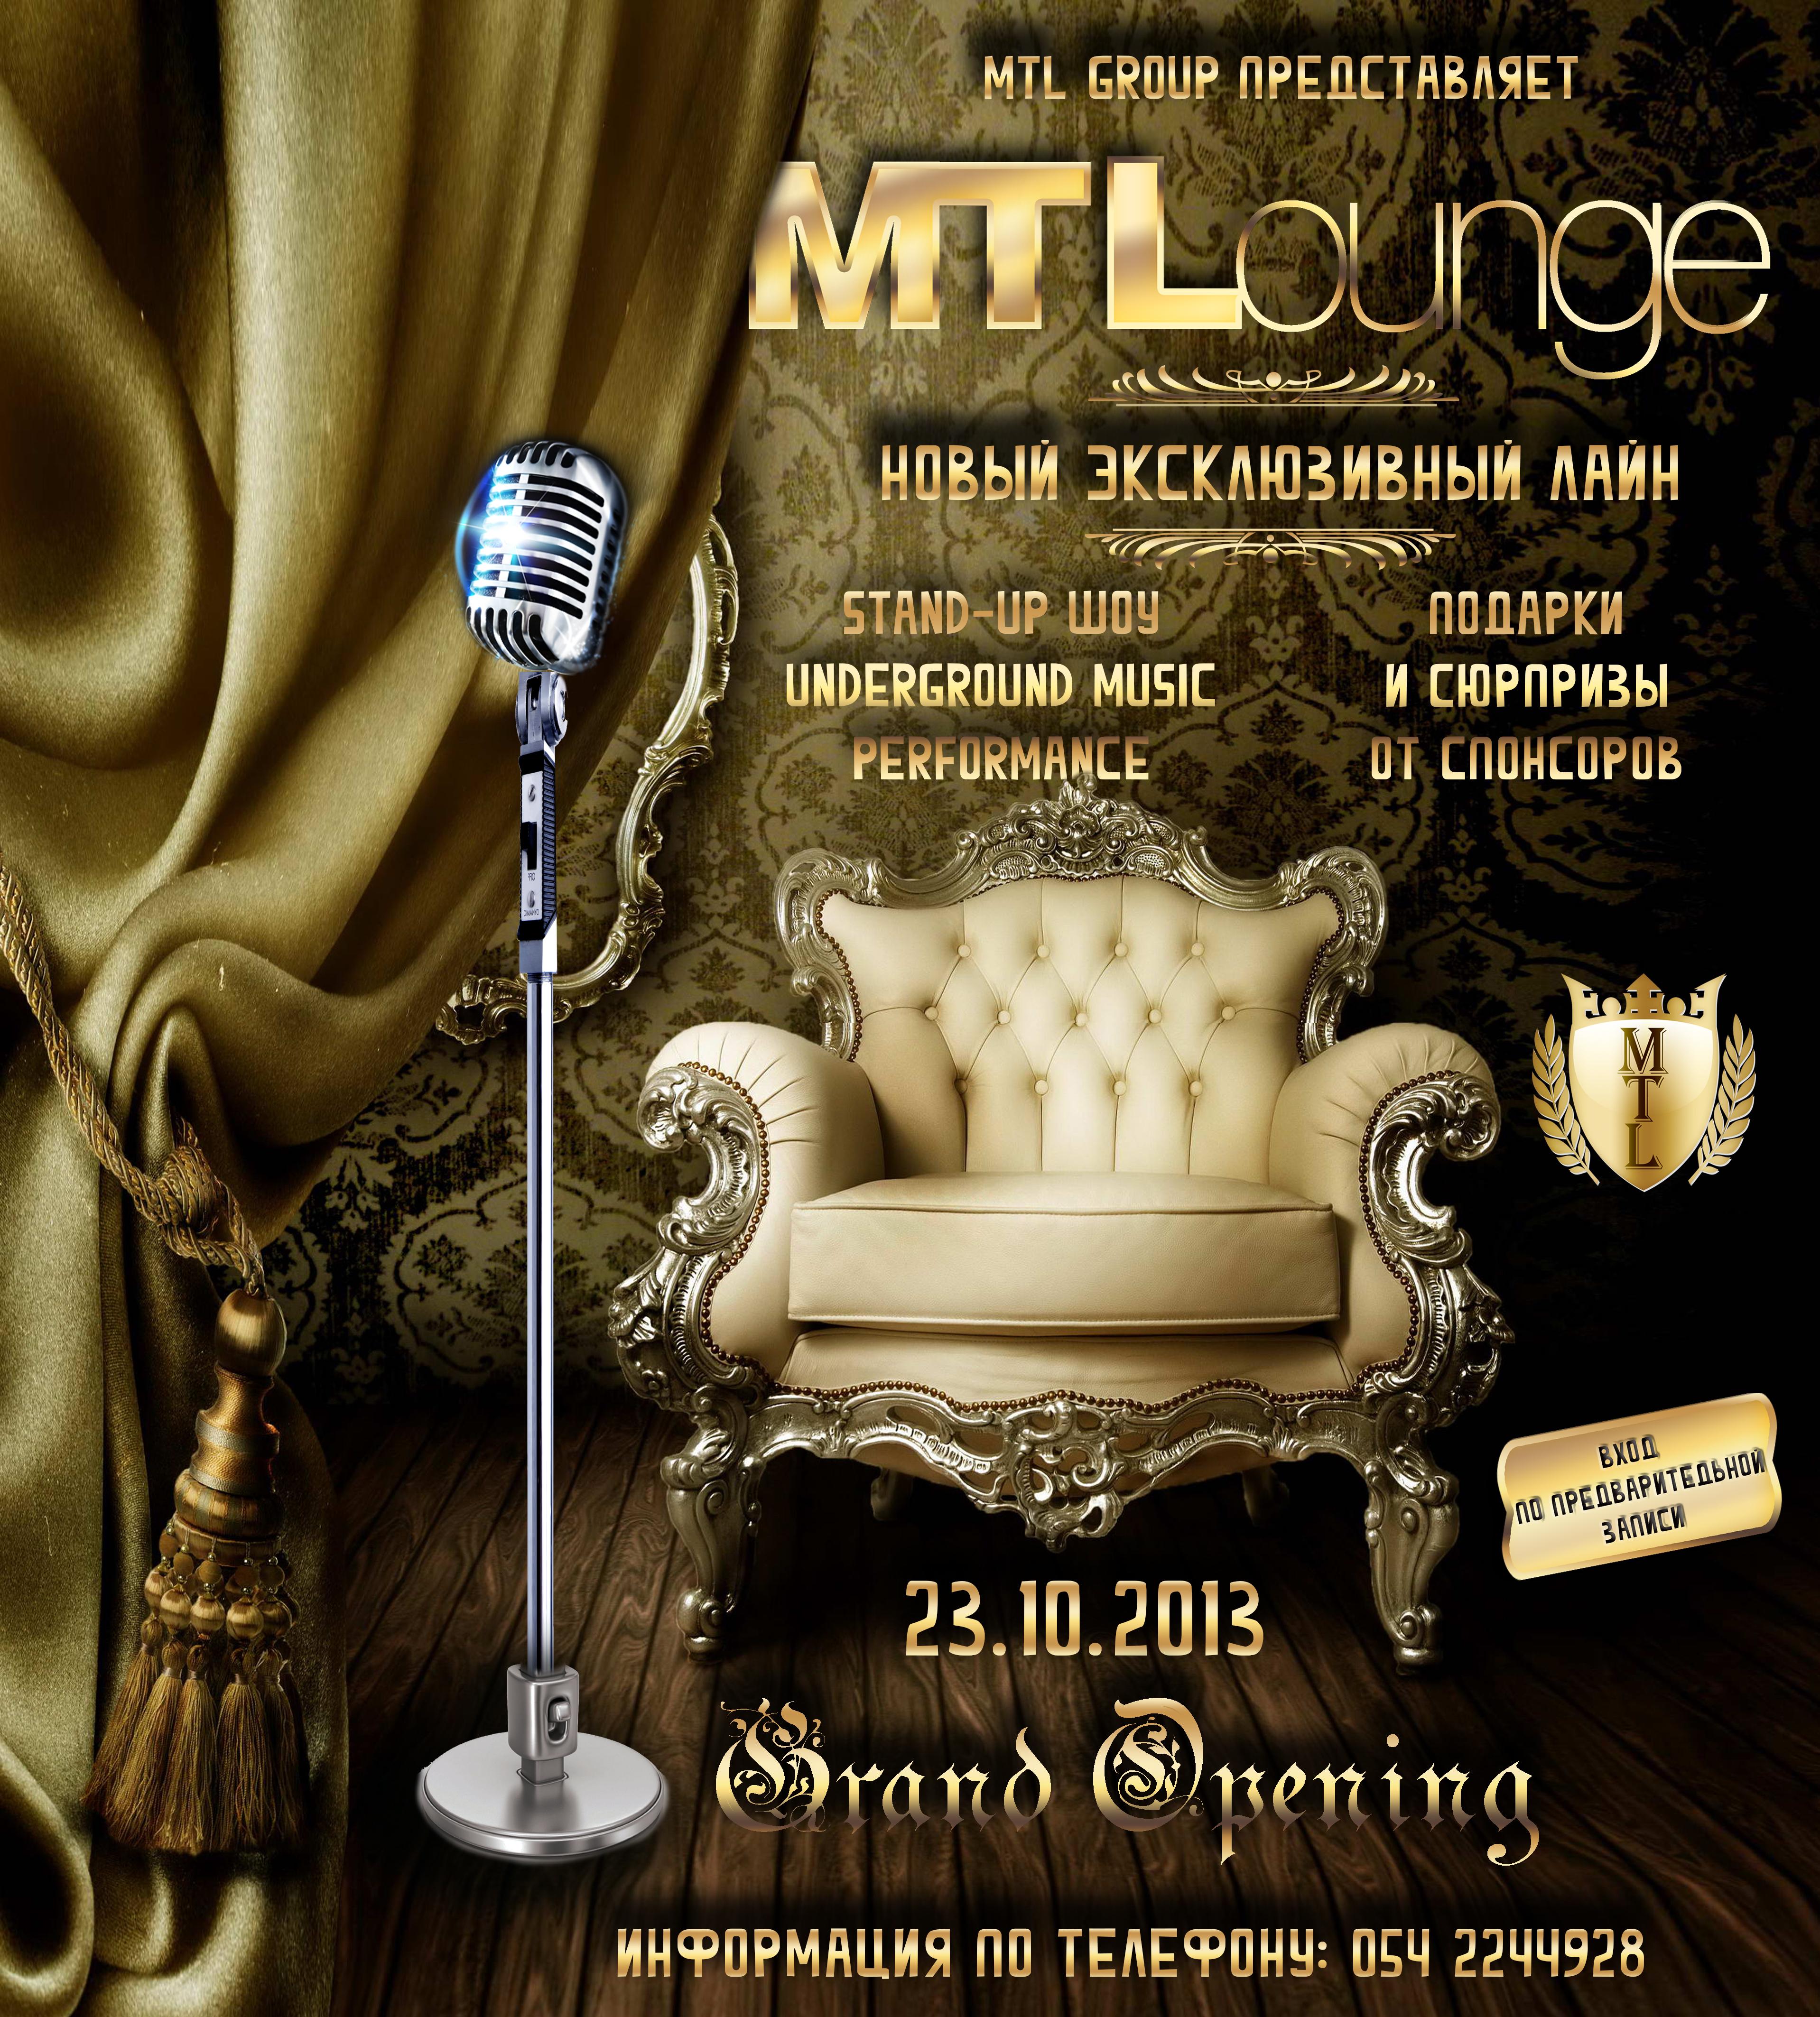 Открытие MTLounge!!!